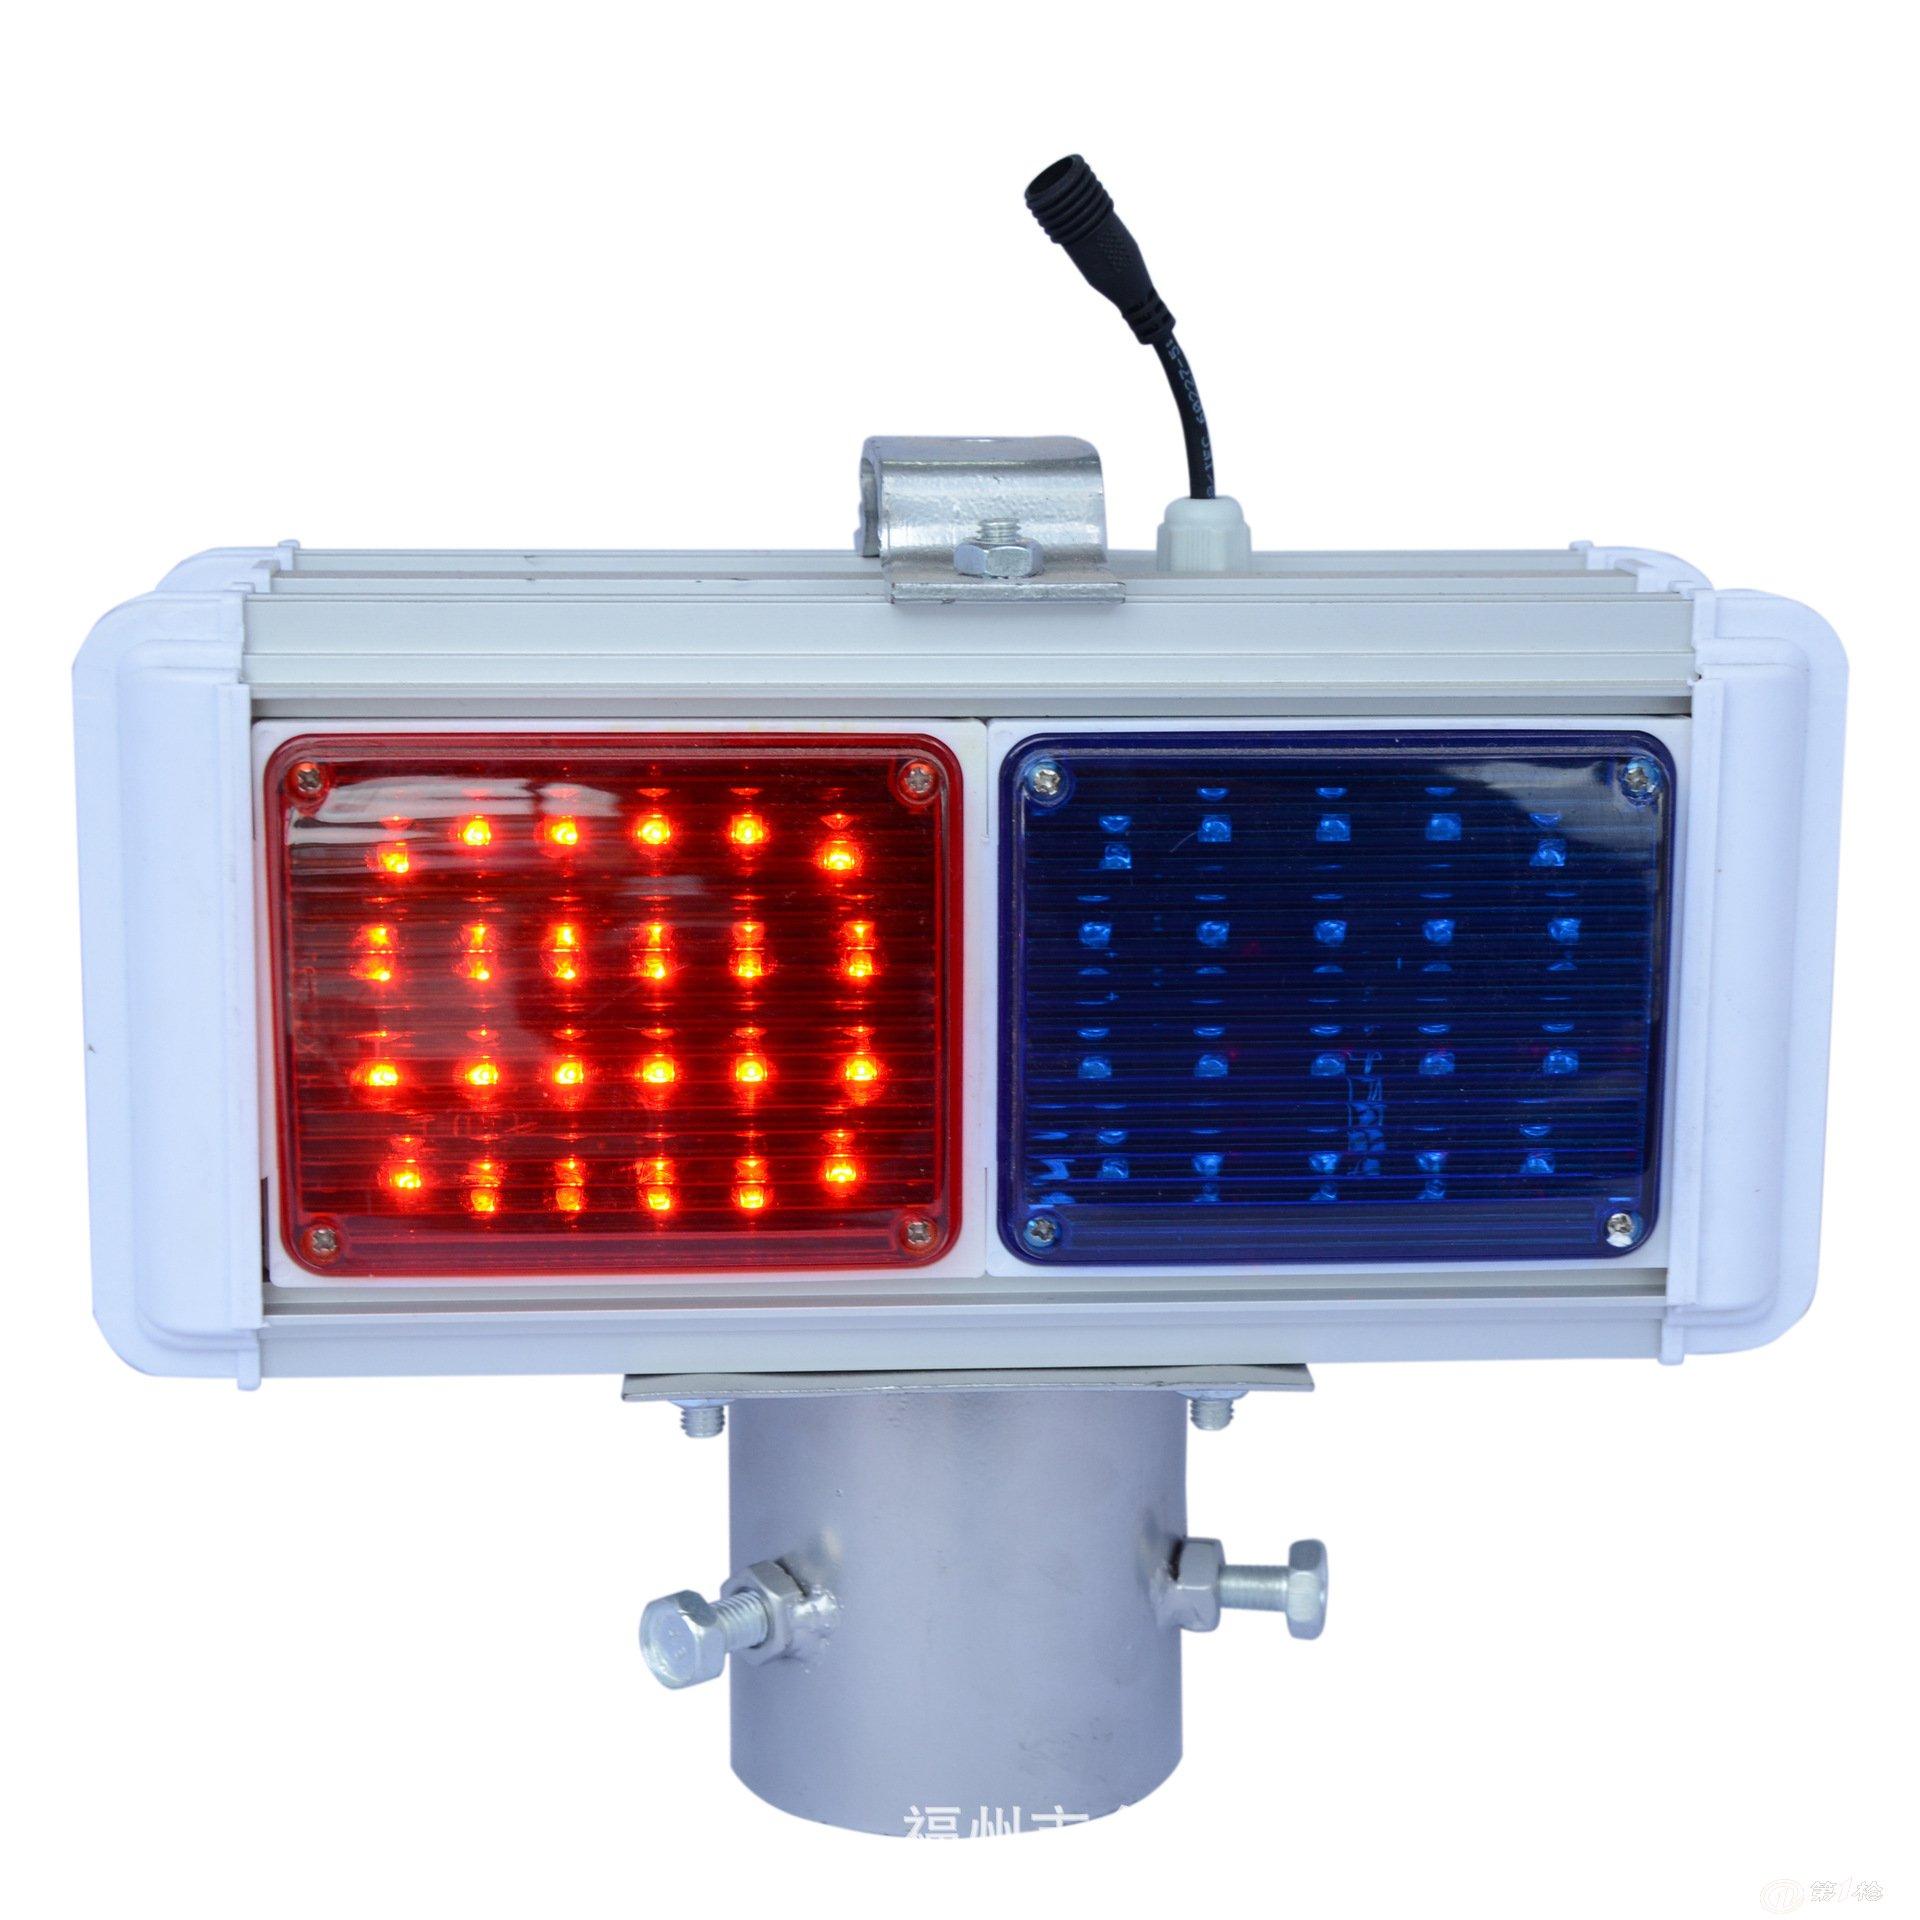 锦顺交通 太阳能红蓝爆闪灯警示灯 led左右交通爆闪灯